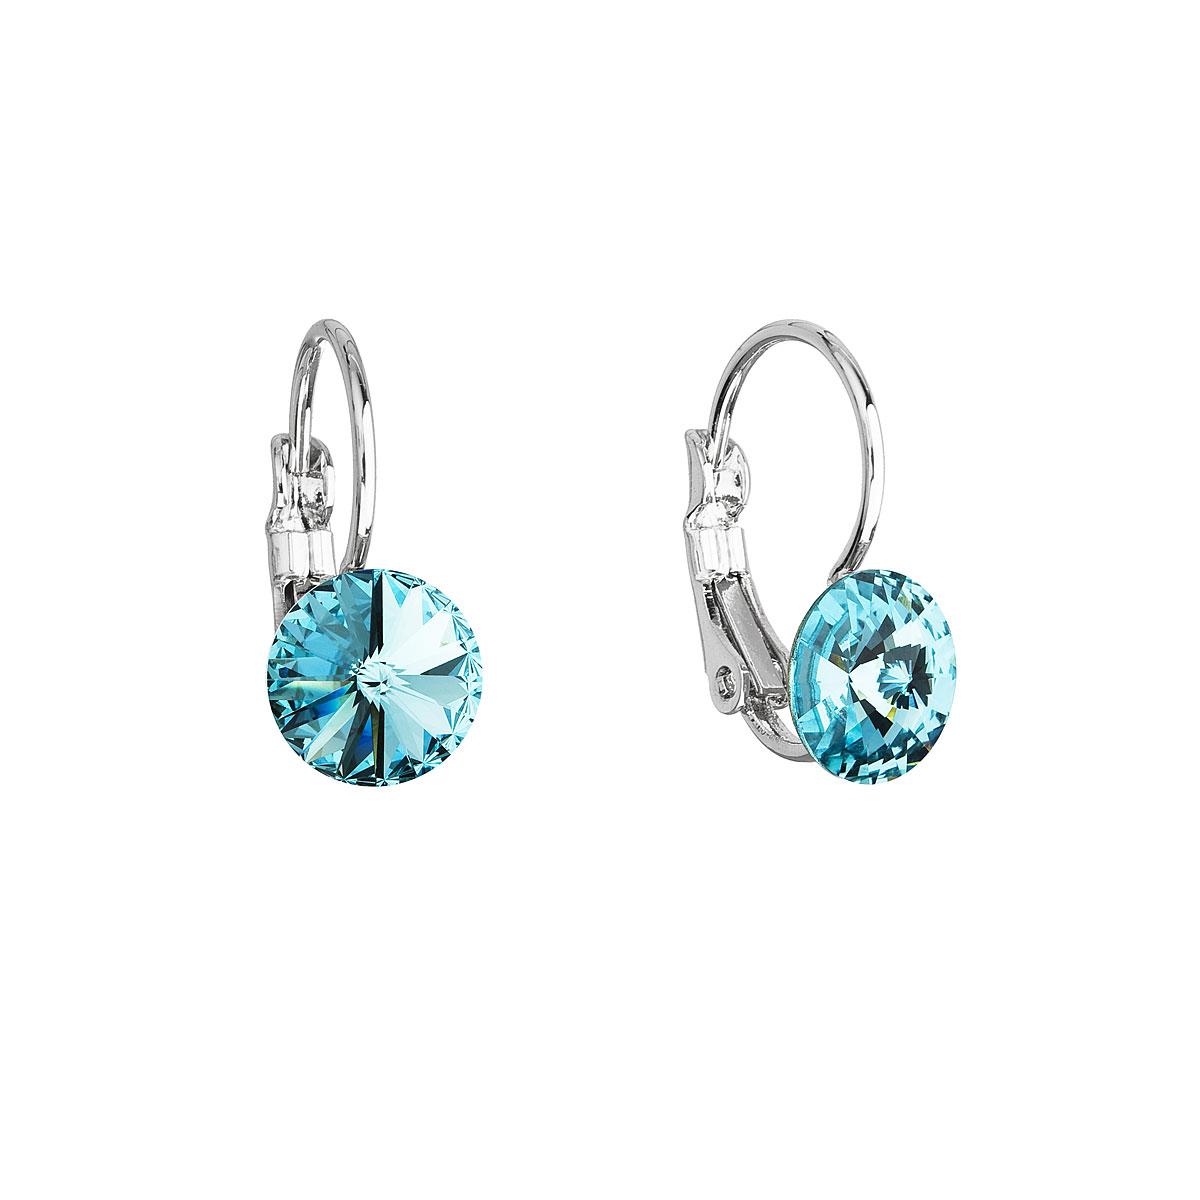 Náušnice bižuterie se Swarovski krystaly modré kulaté 51031.3 turquoise